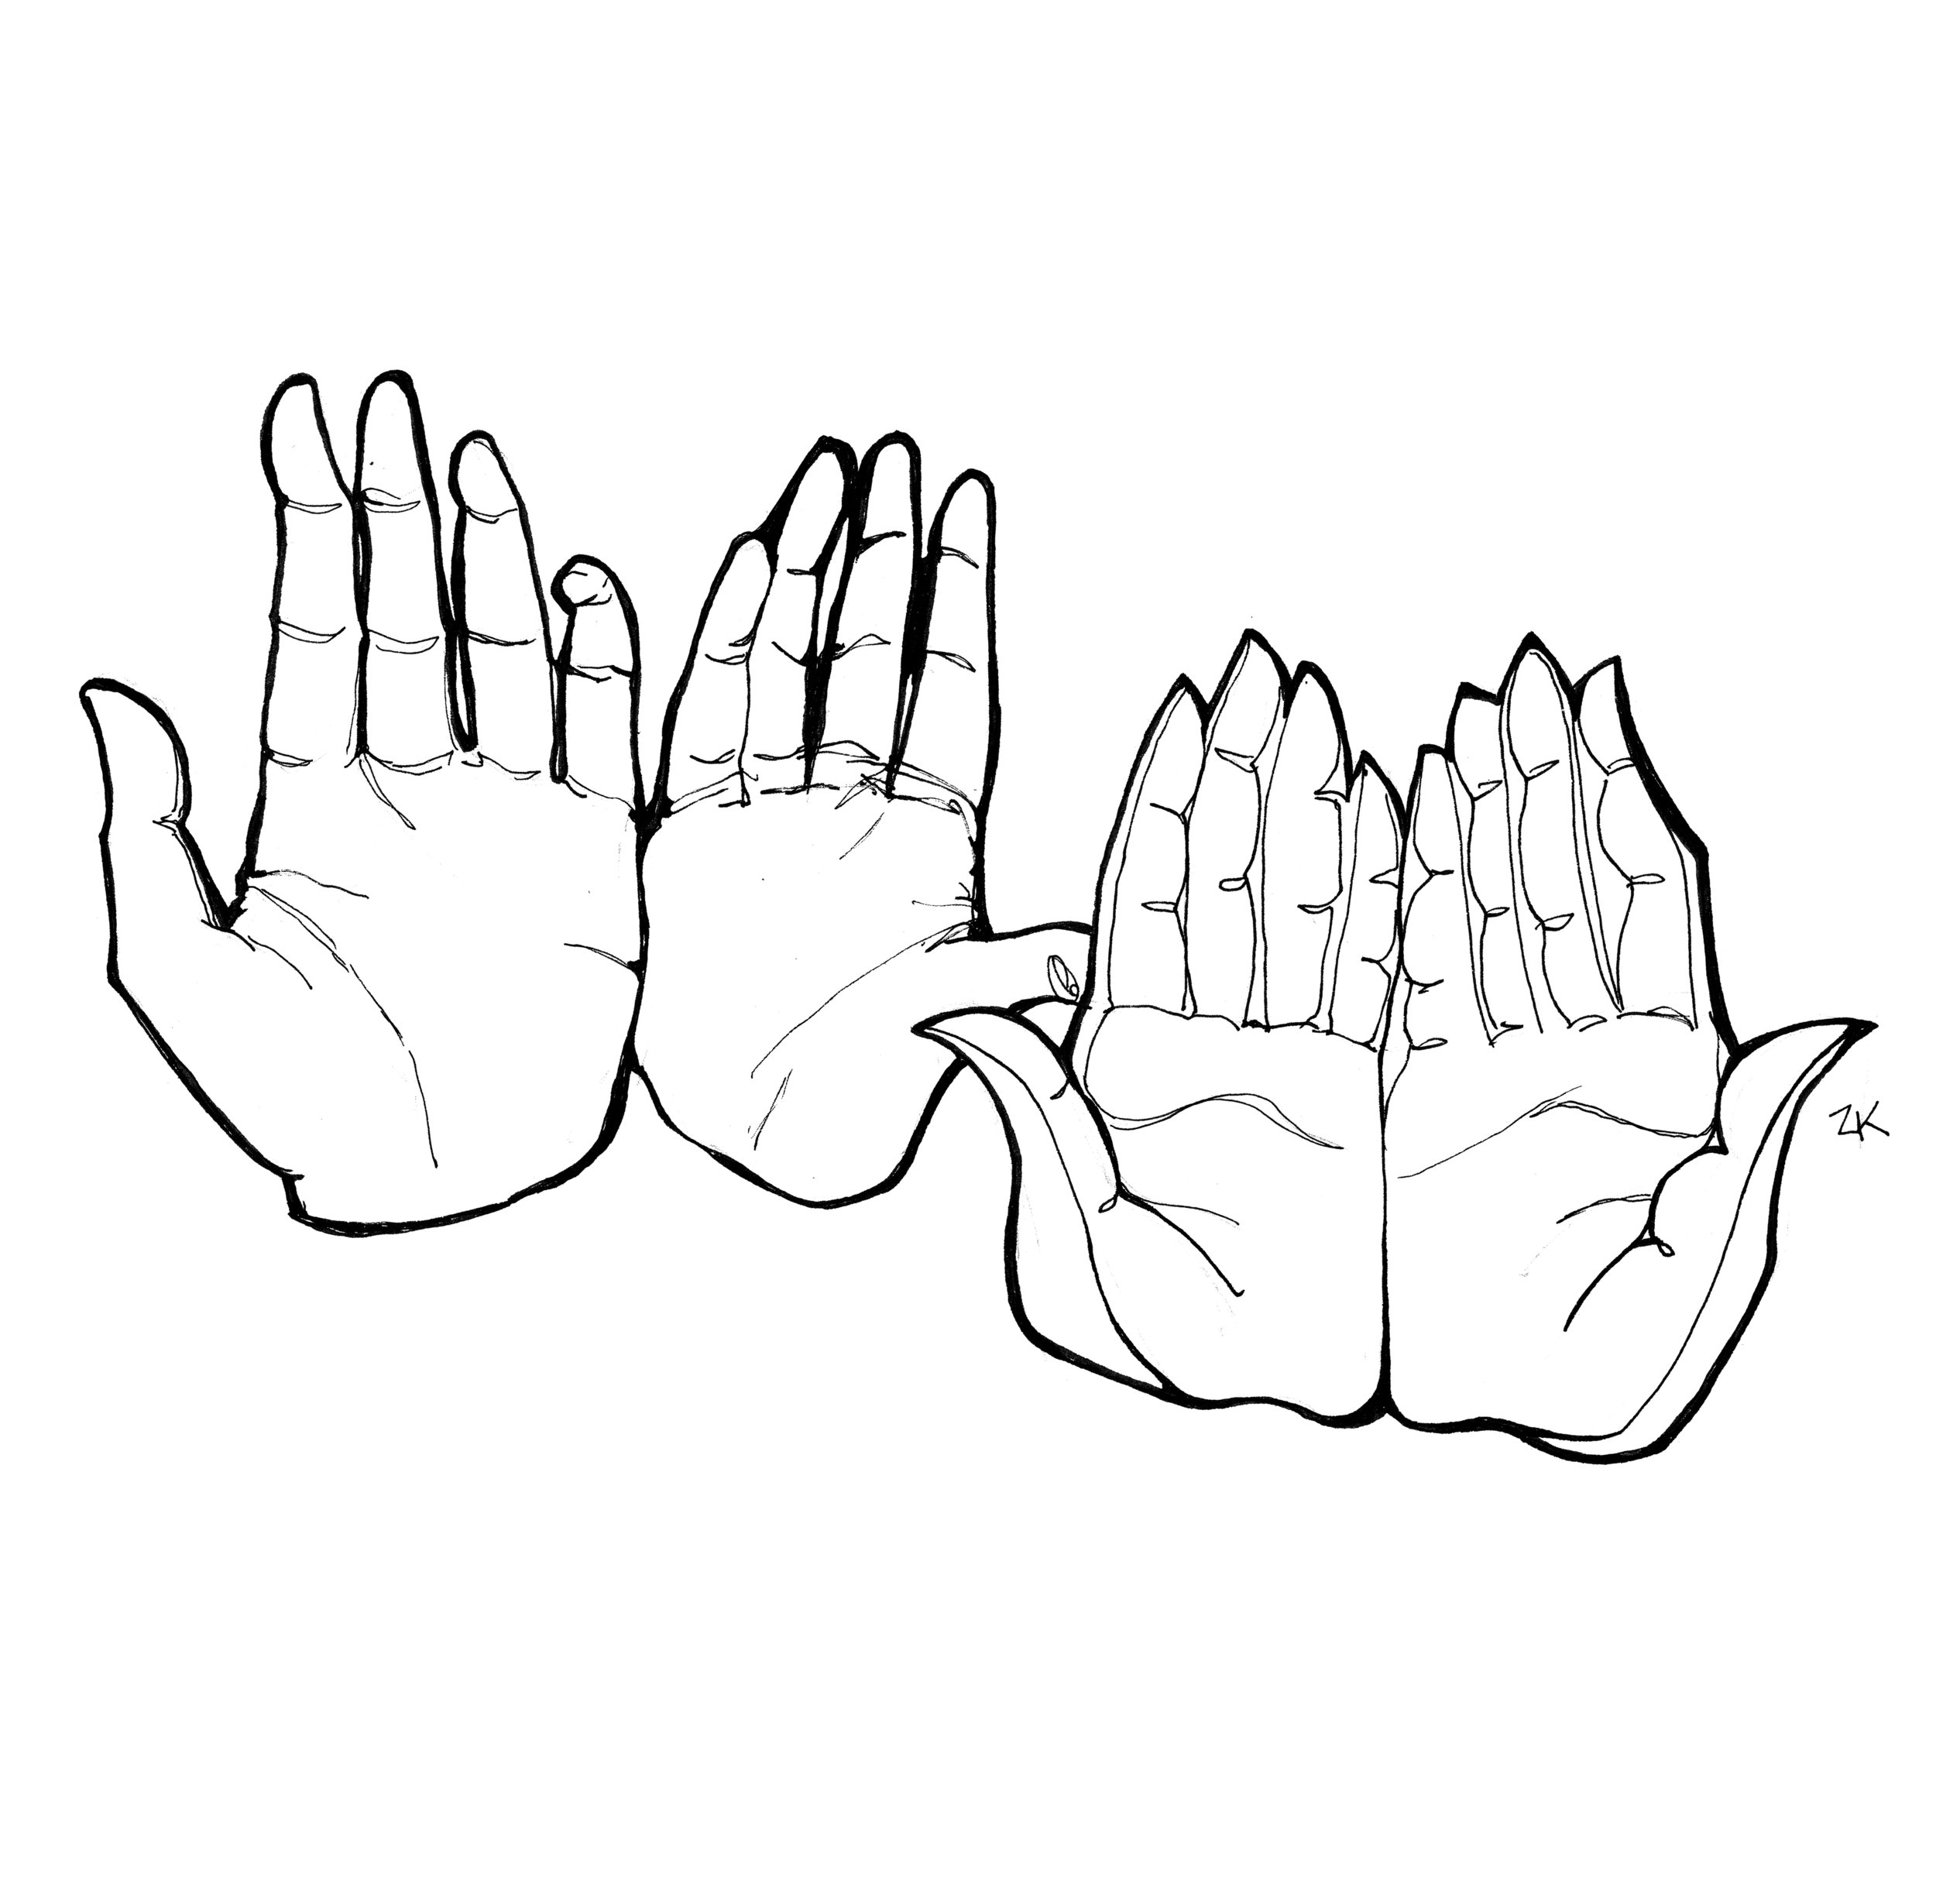 hands_5.jpg